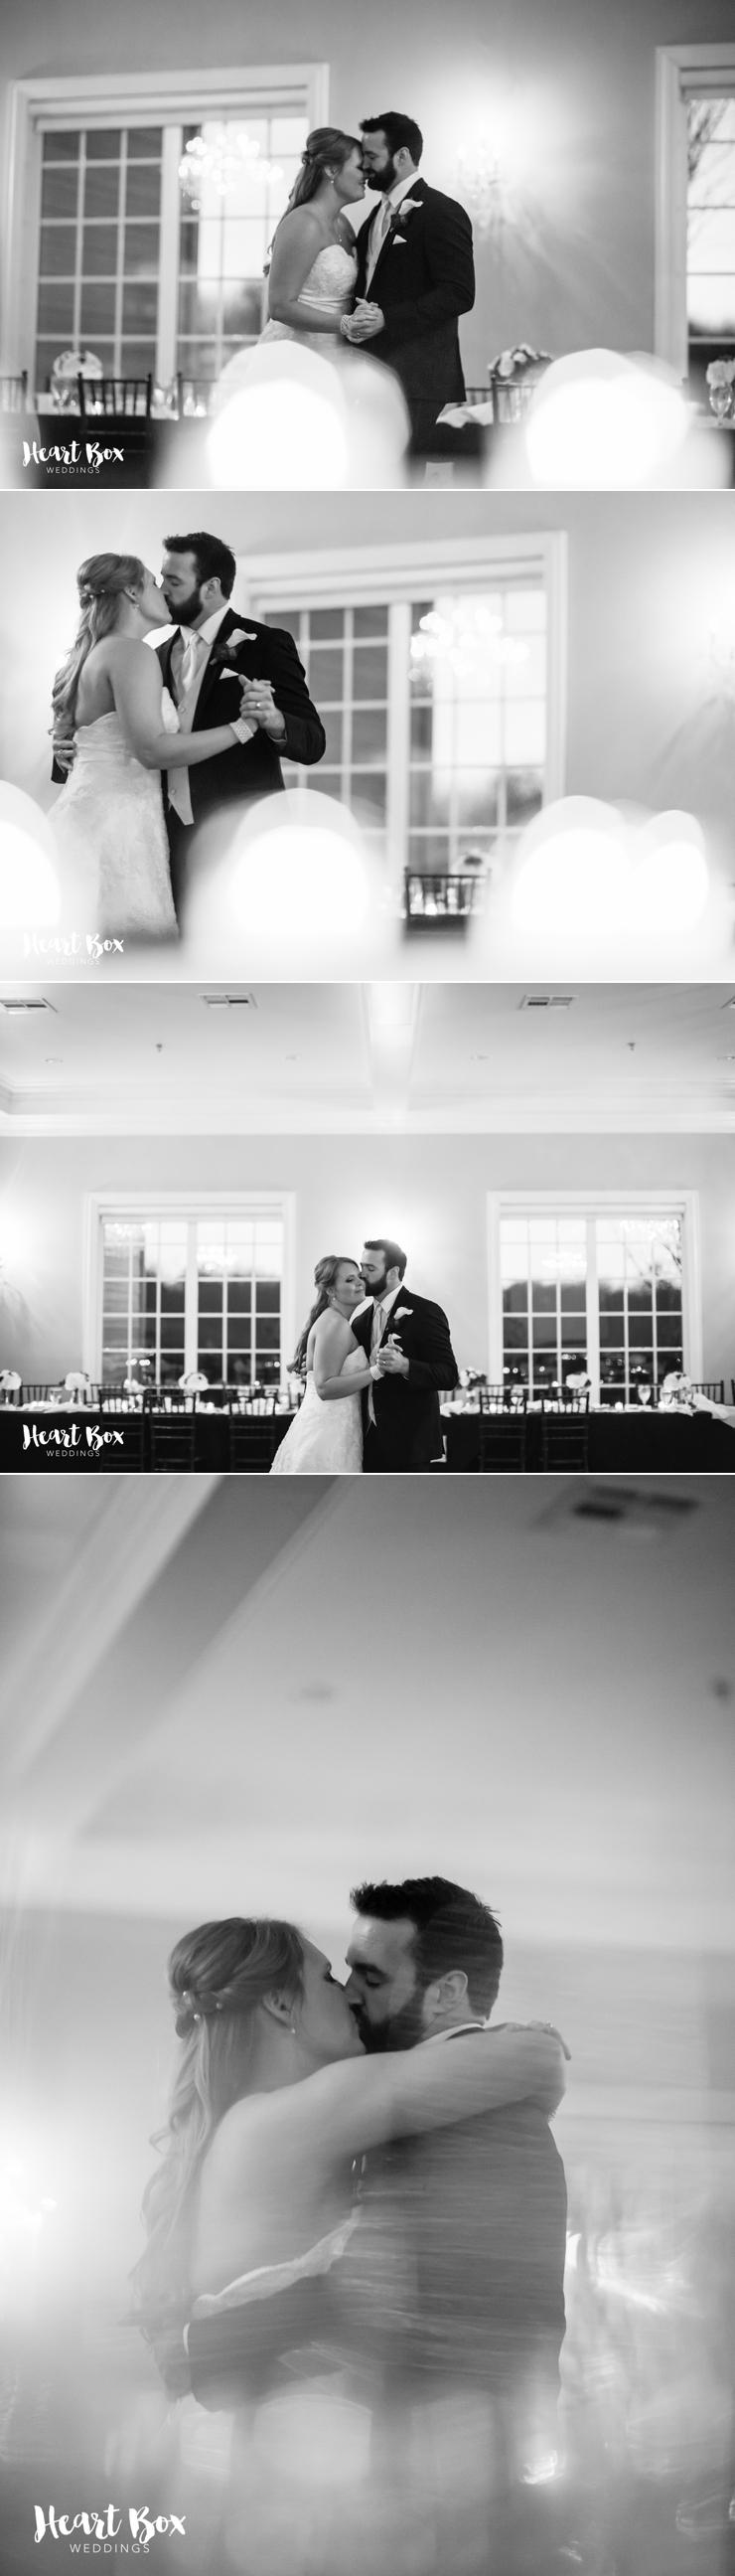 Vanderpool Wedding - Blog Collages 14.jpg